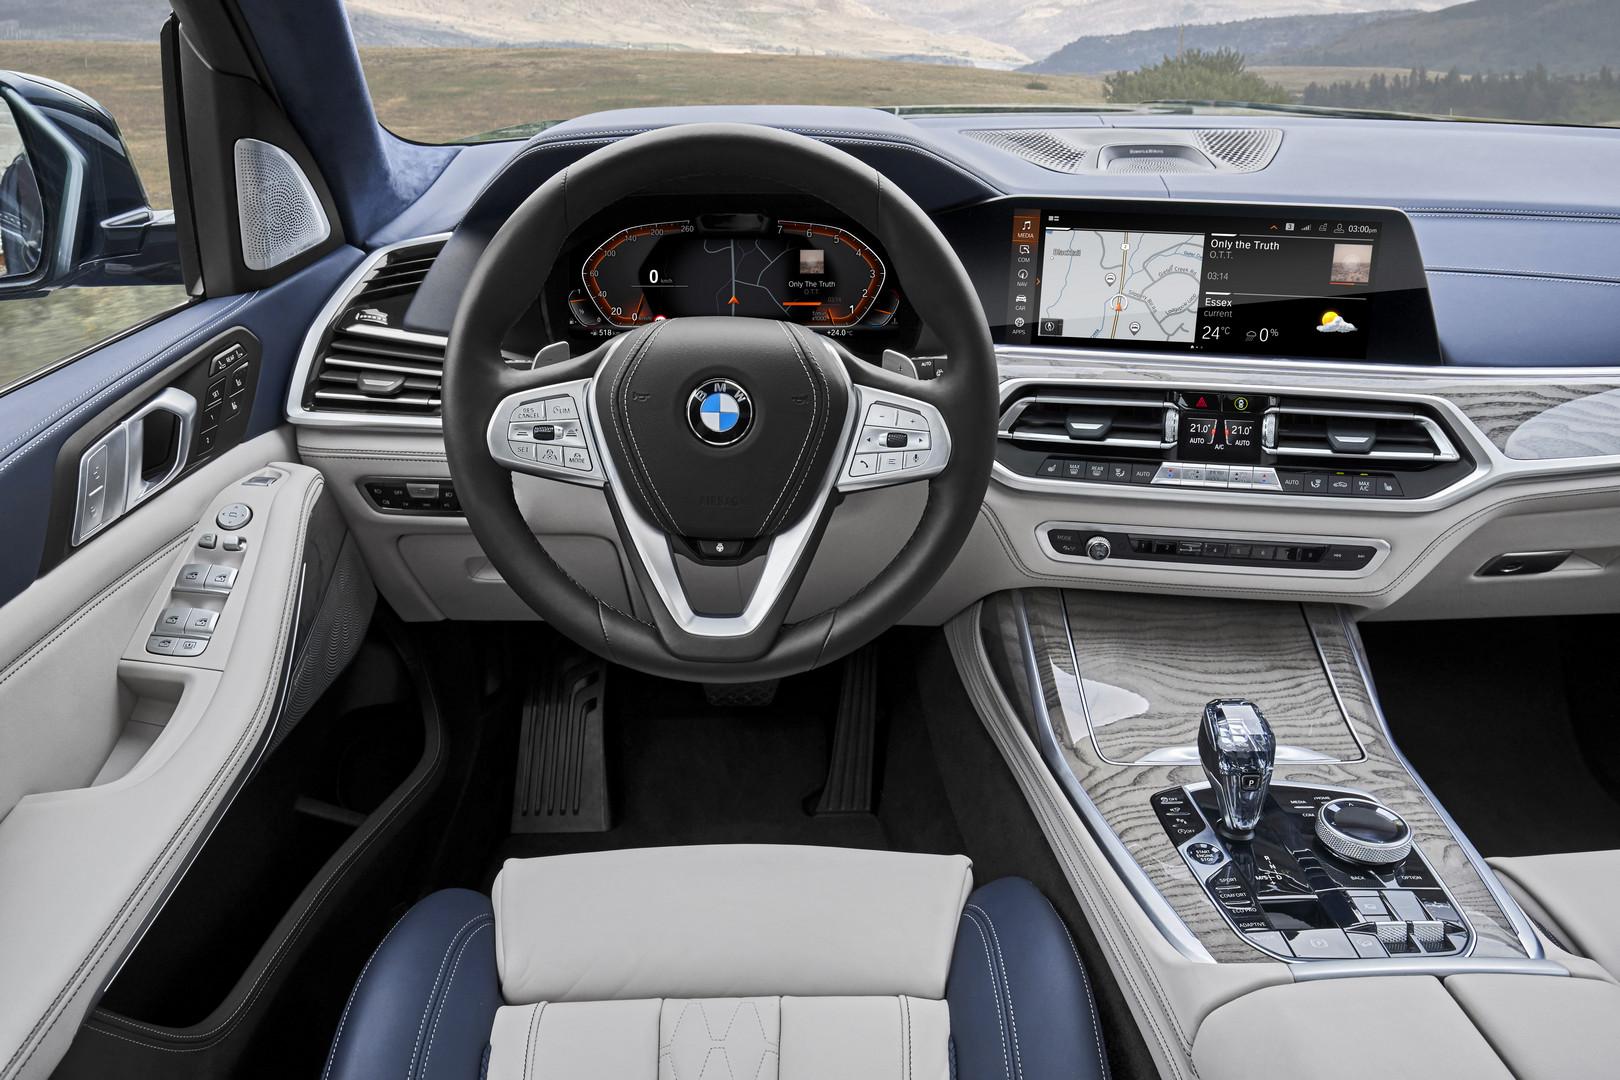 2019 BMW X7 Dashboard